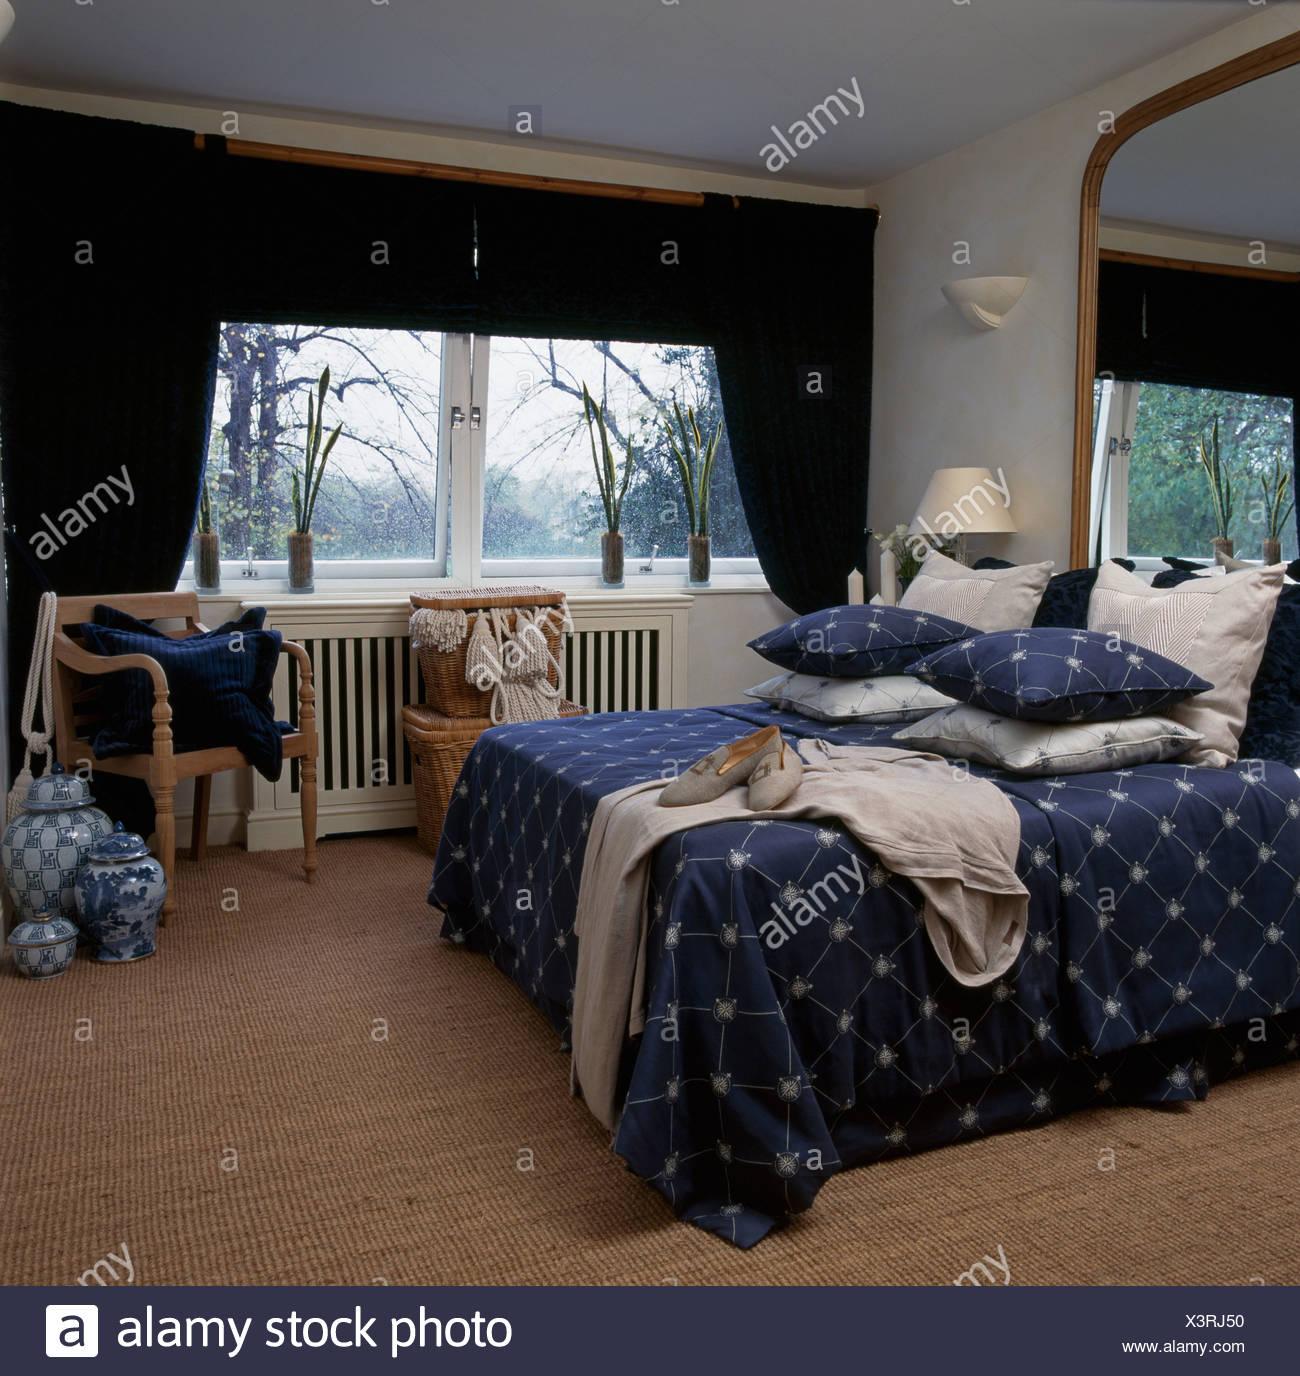 Gestapelt Auf Bett Mit Kissen Blau Stern Gemusterten Bettdecke Im Schlafzimmer Mit Sisal Teppich Und Dunkle Blaue Vorhange Stockfotografie Alamy